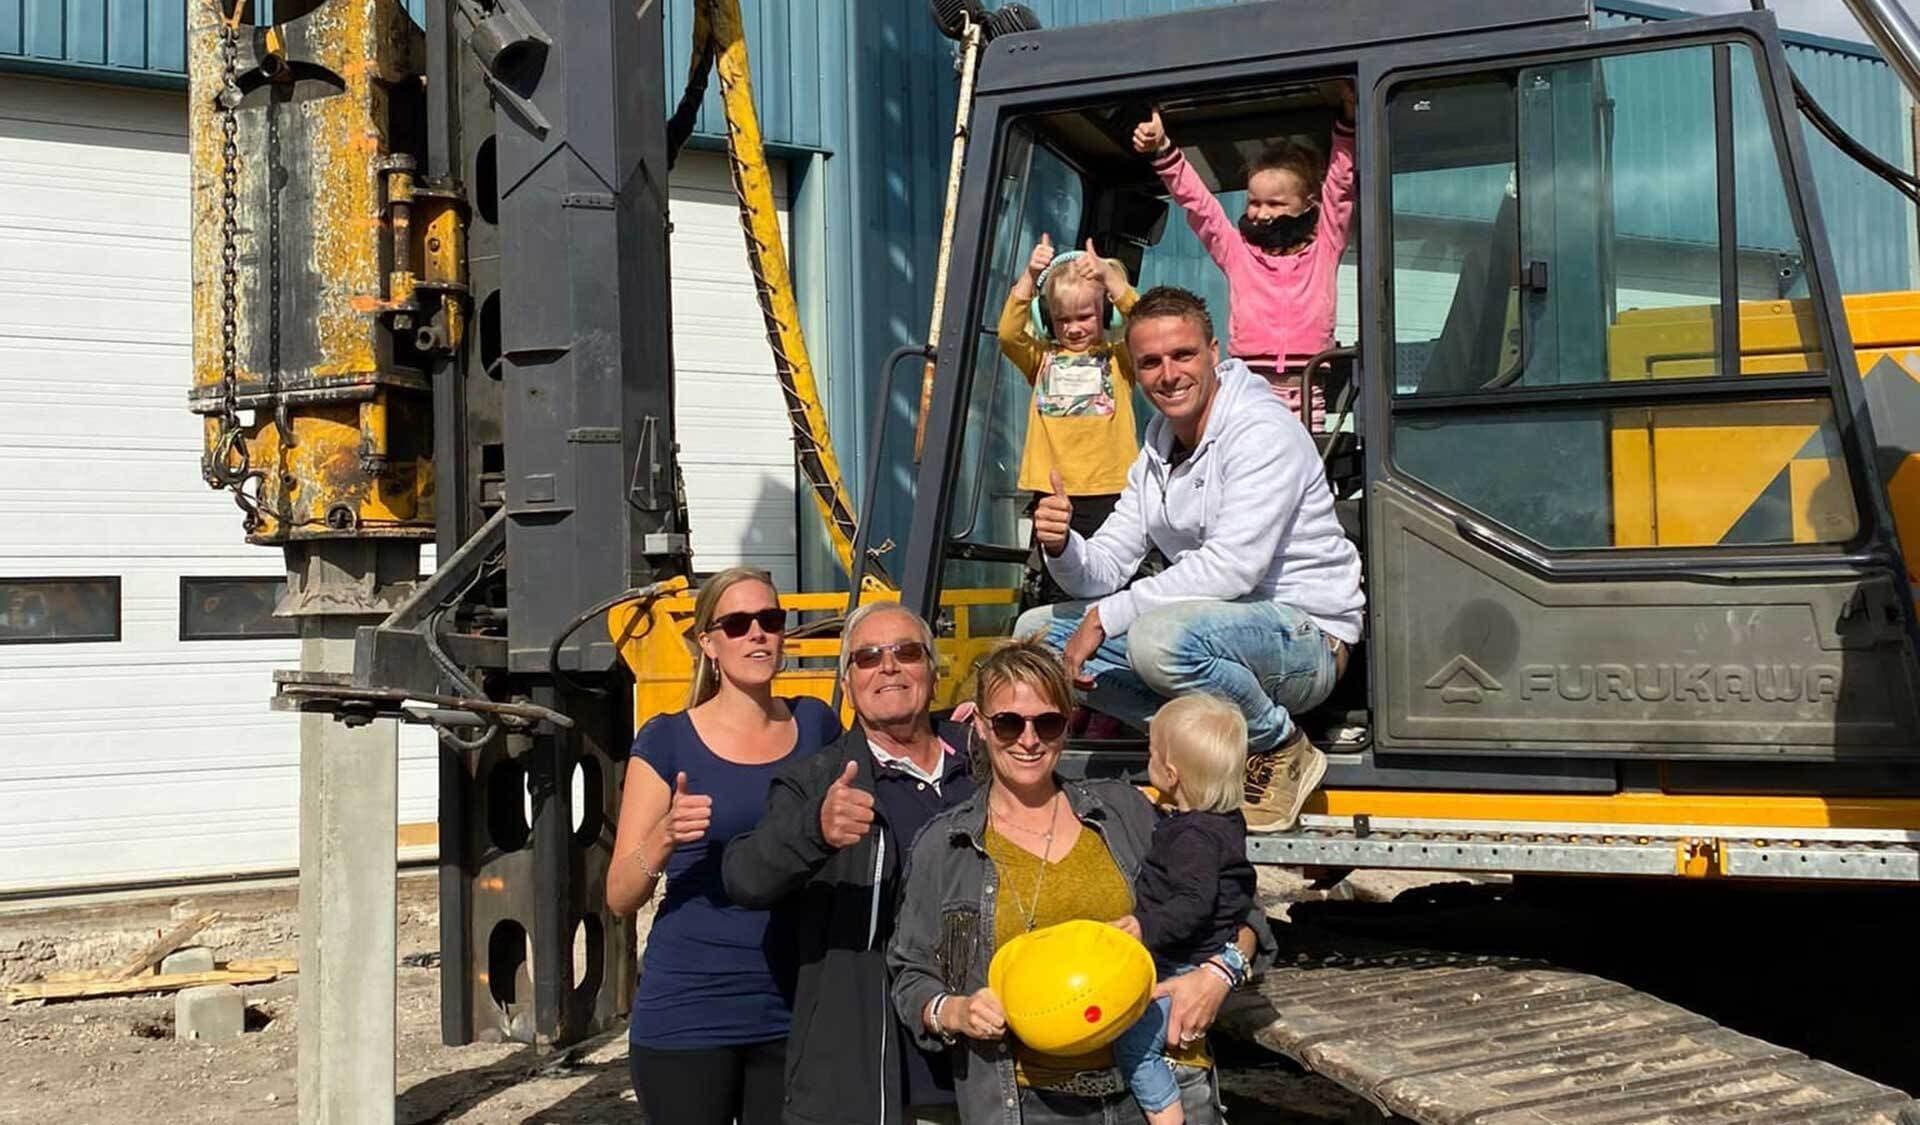 rraSana-Gründer Kees Barnhard (2.v.l) mit seinen im Unternehmen tätigen Kindern Belinda, Annabelle und Cees (v.l.n.r.) sowie Enkeln auf der Baustelle.